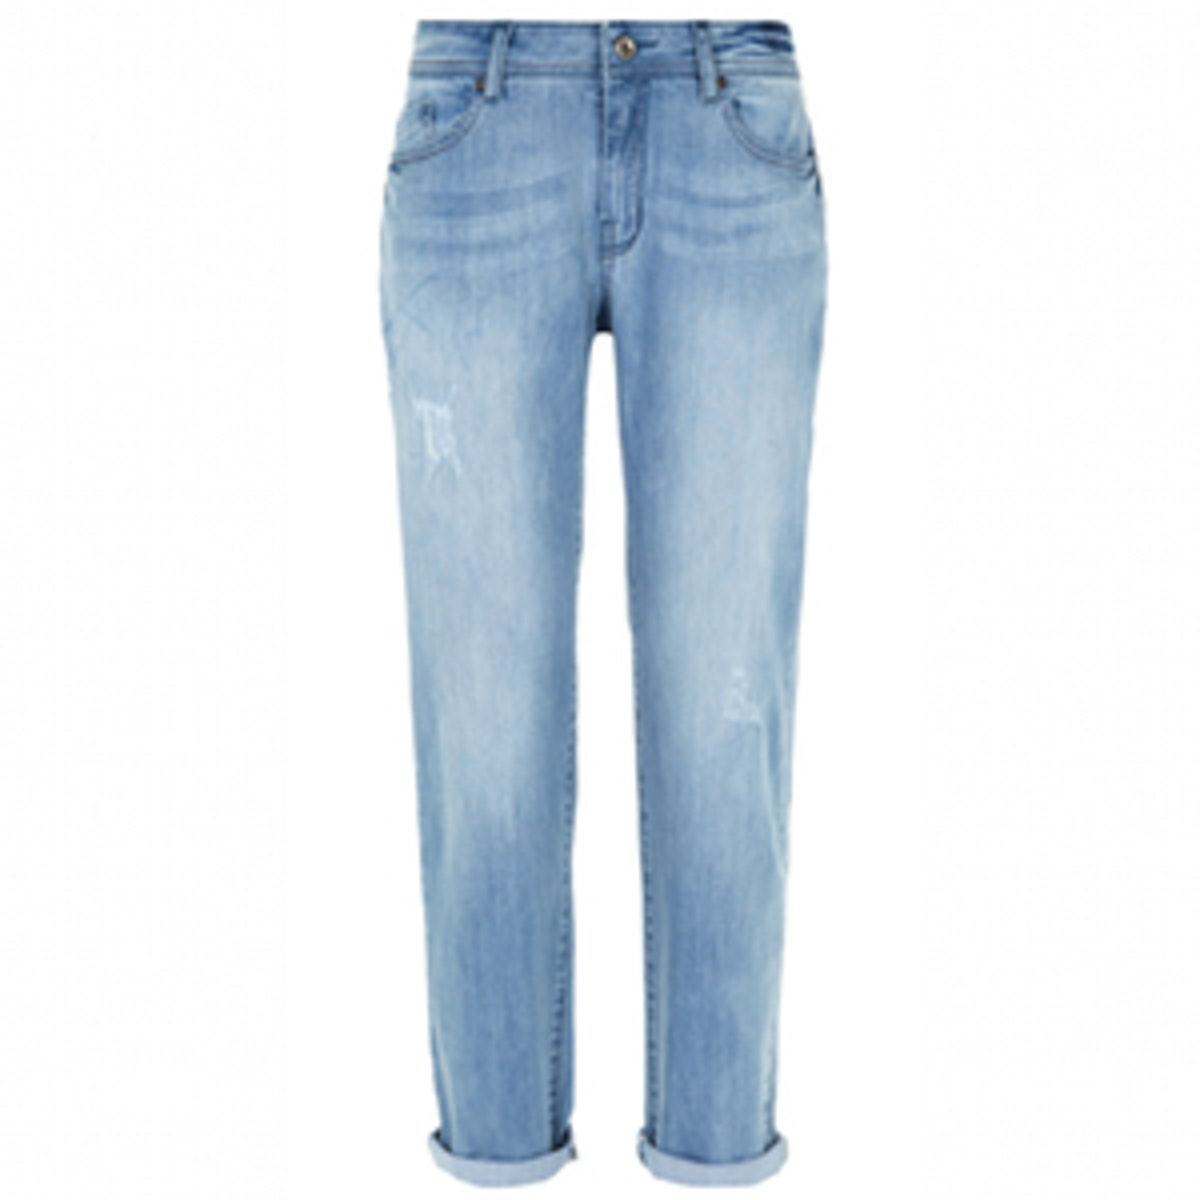 Zinc Slouch Jeans